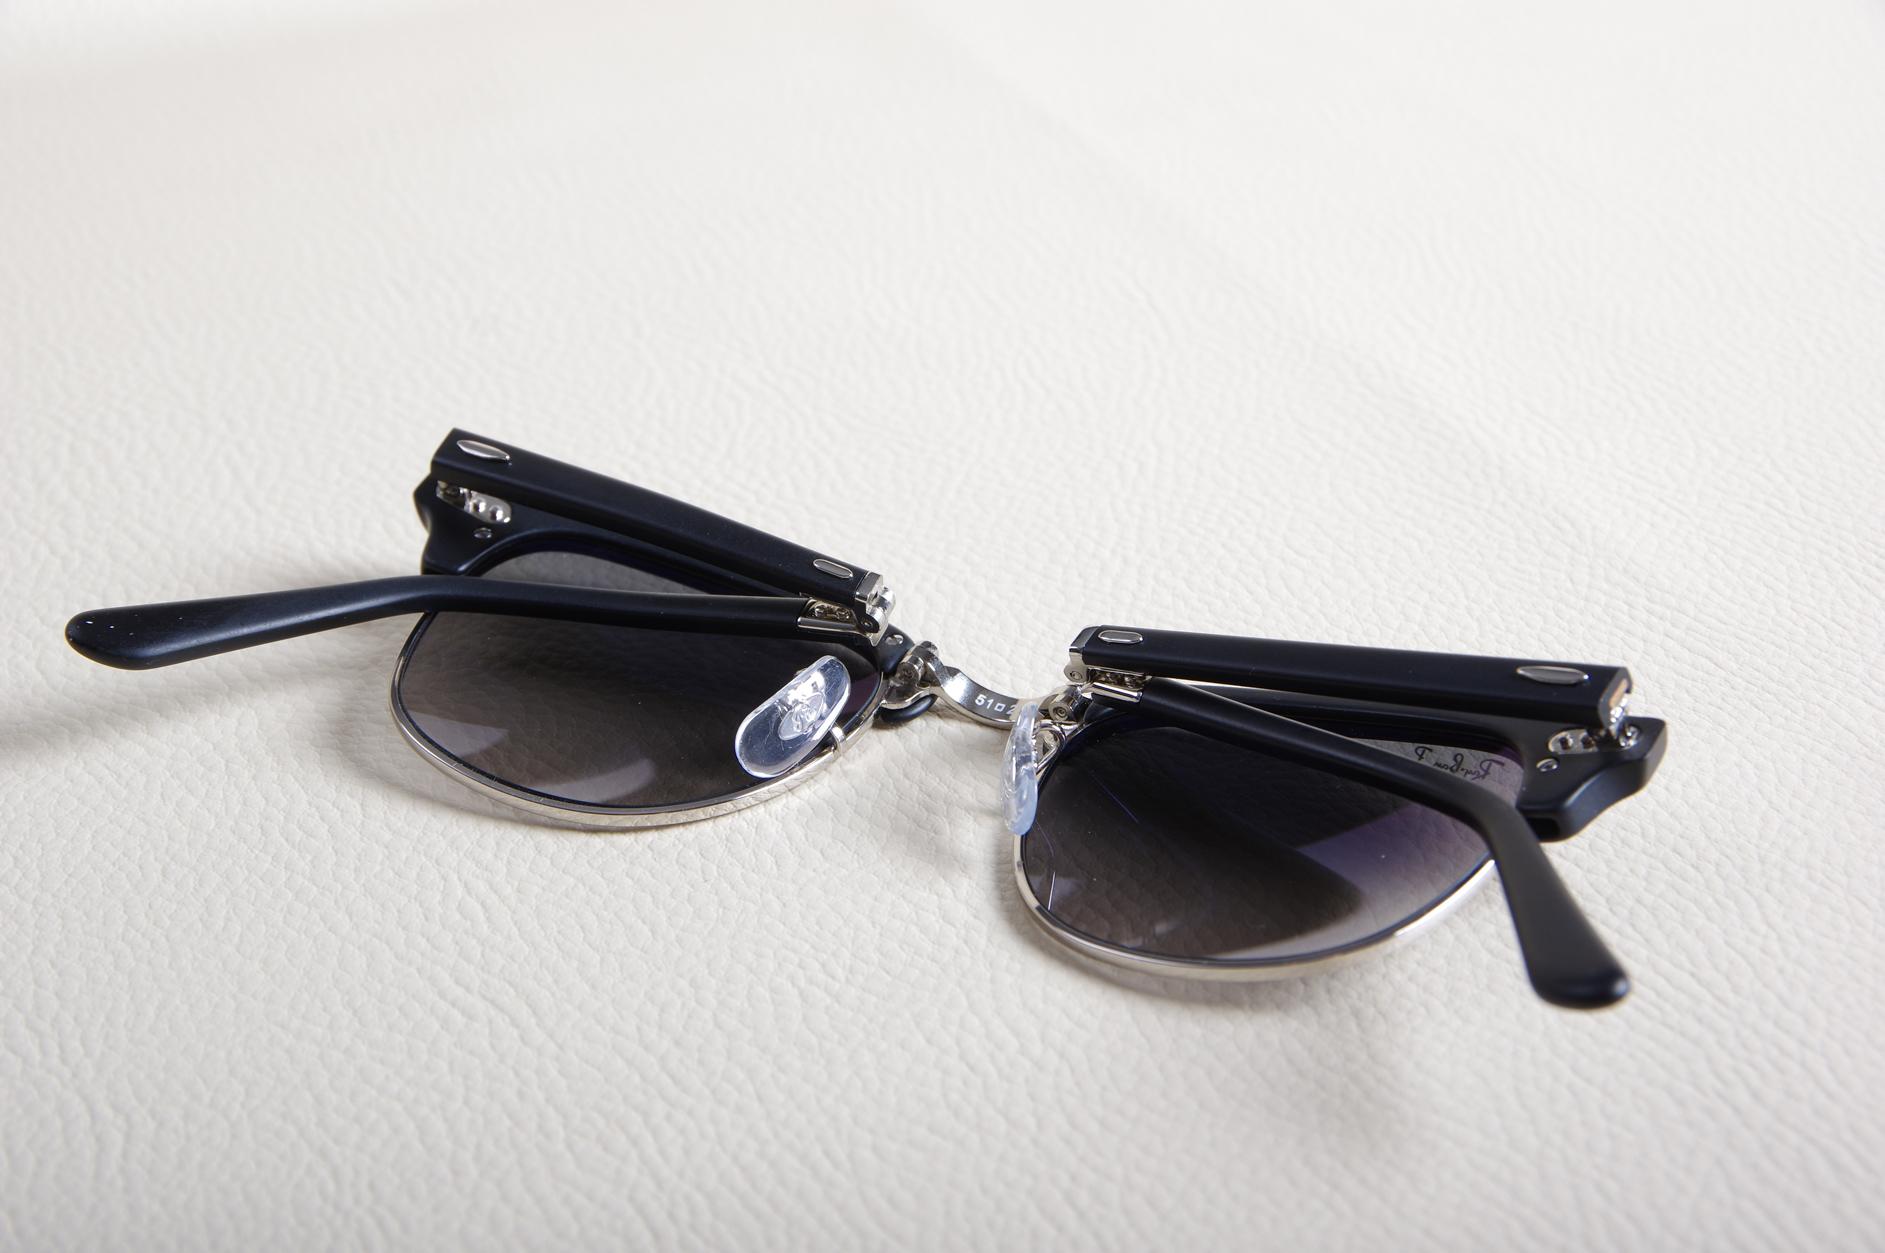 ... 76 Où commander les lunettes de soleil RAY BAN Clubmaster pliables  RB2176 à proximité de Le Havre ... 64031231dc6a